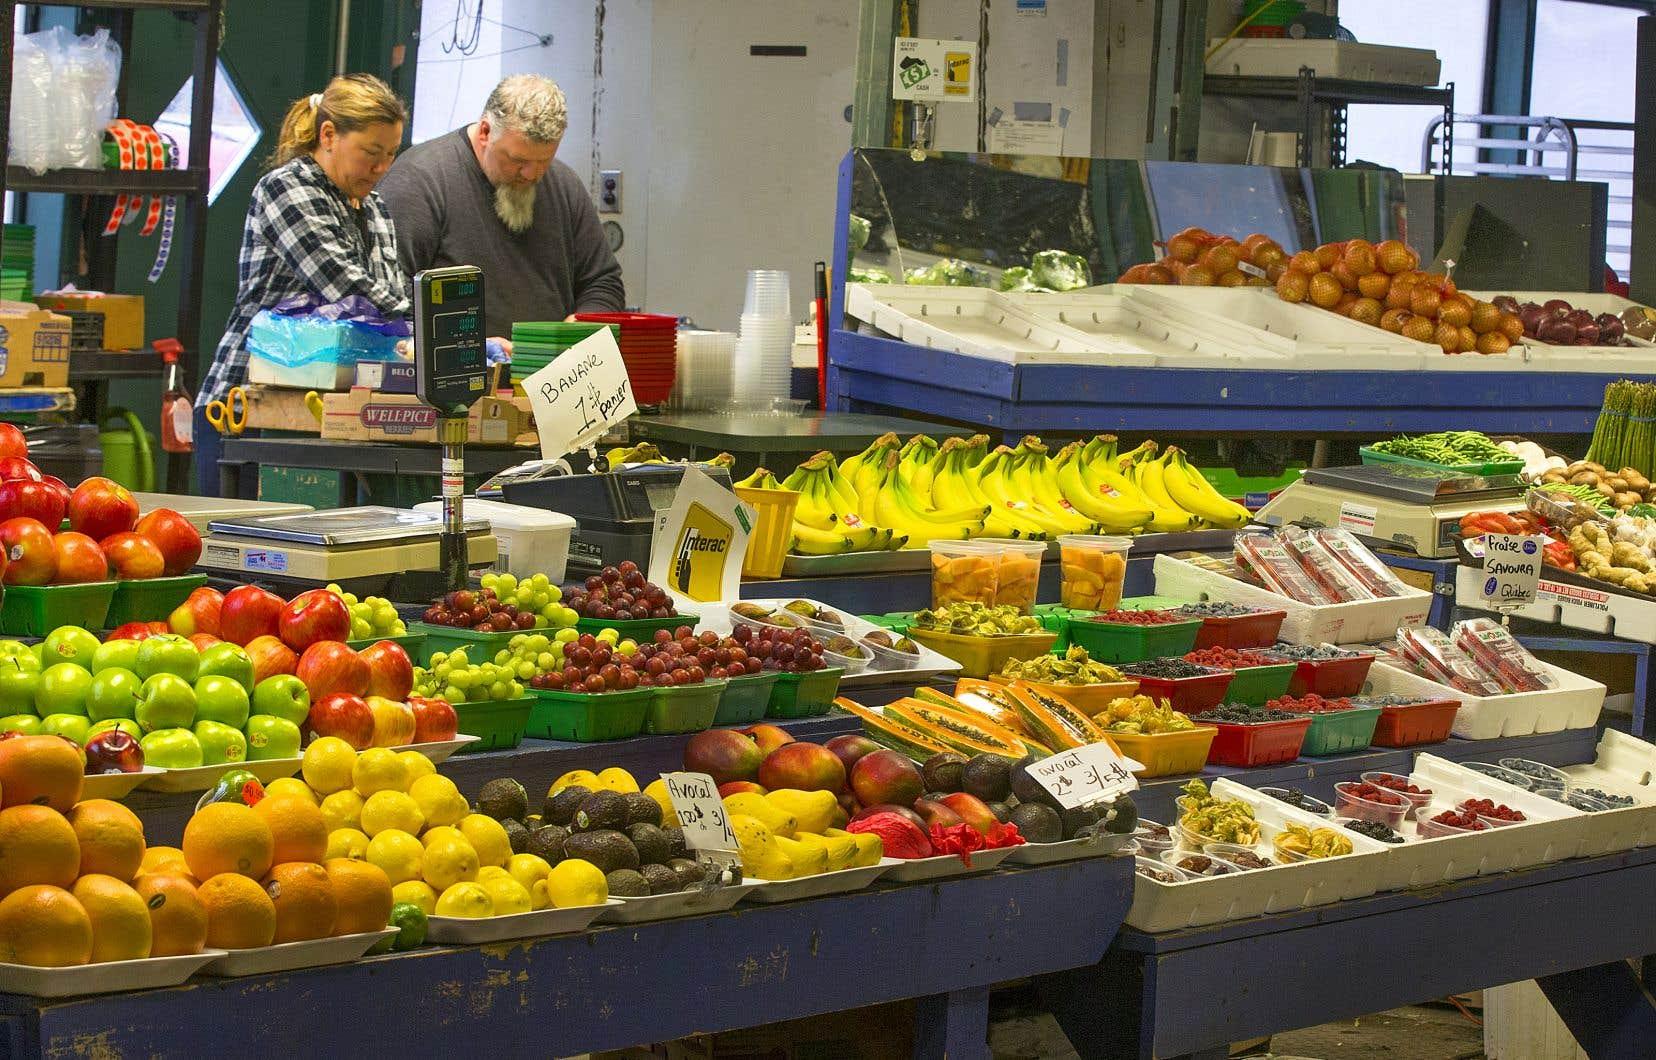 Une pénurie de main-d'oeuvre dans les champs ou une éclosion dans une usine de transformation pourraient avoir des répercussions sur le prix des aliments à l'épicerie.